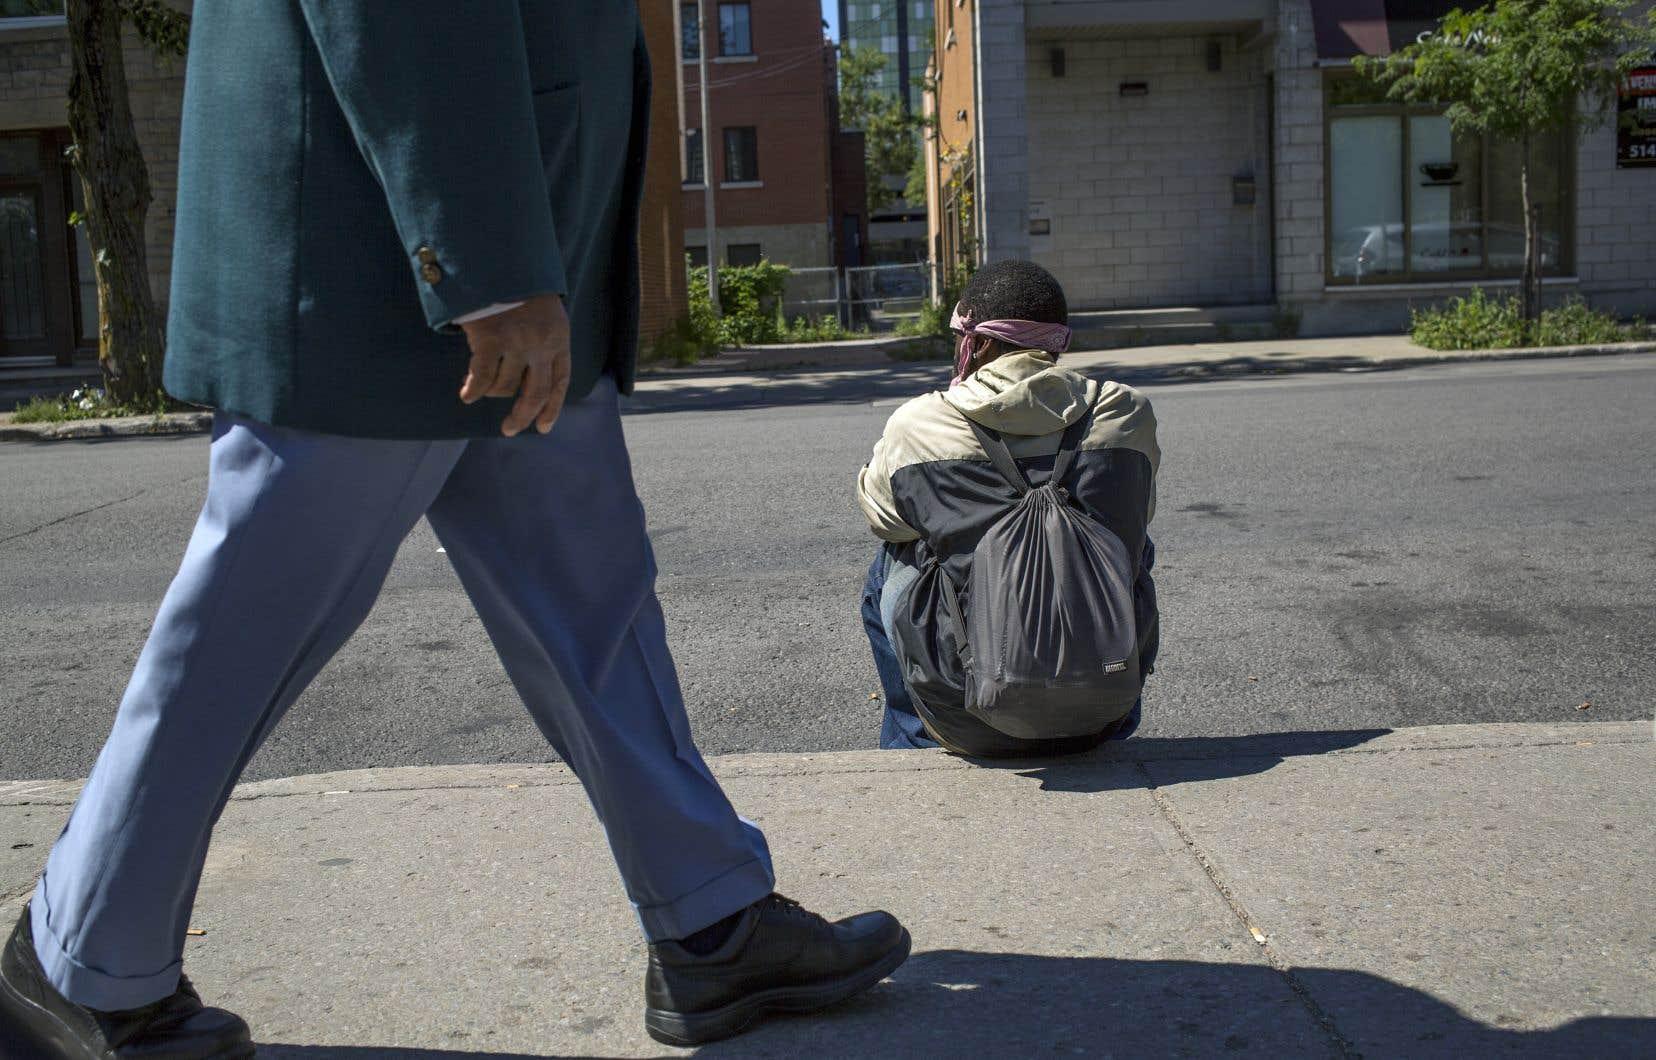 Le plan d'action lancé par les organismes mercredi réclame l'embauche «urgente» d'au moins deux travailleurs de rue et d'un coordonnateur, plus utiles qu'un dénombrement des itinérants.